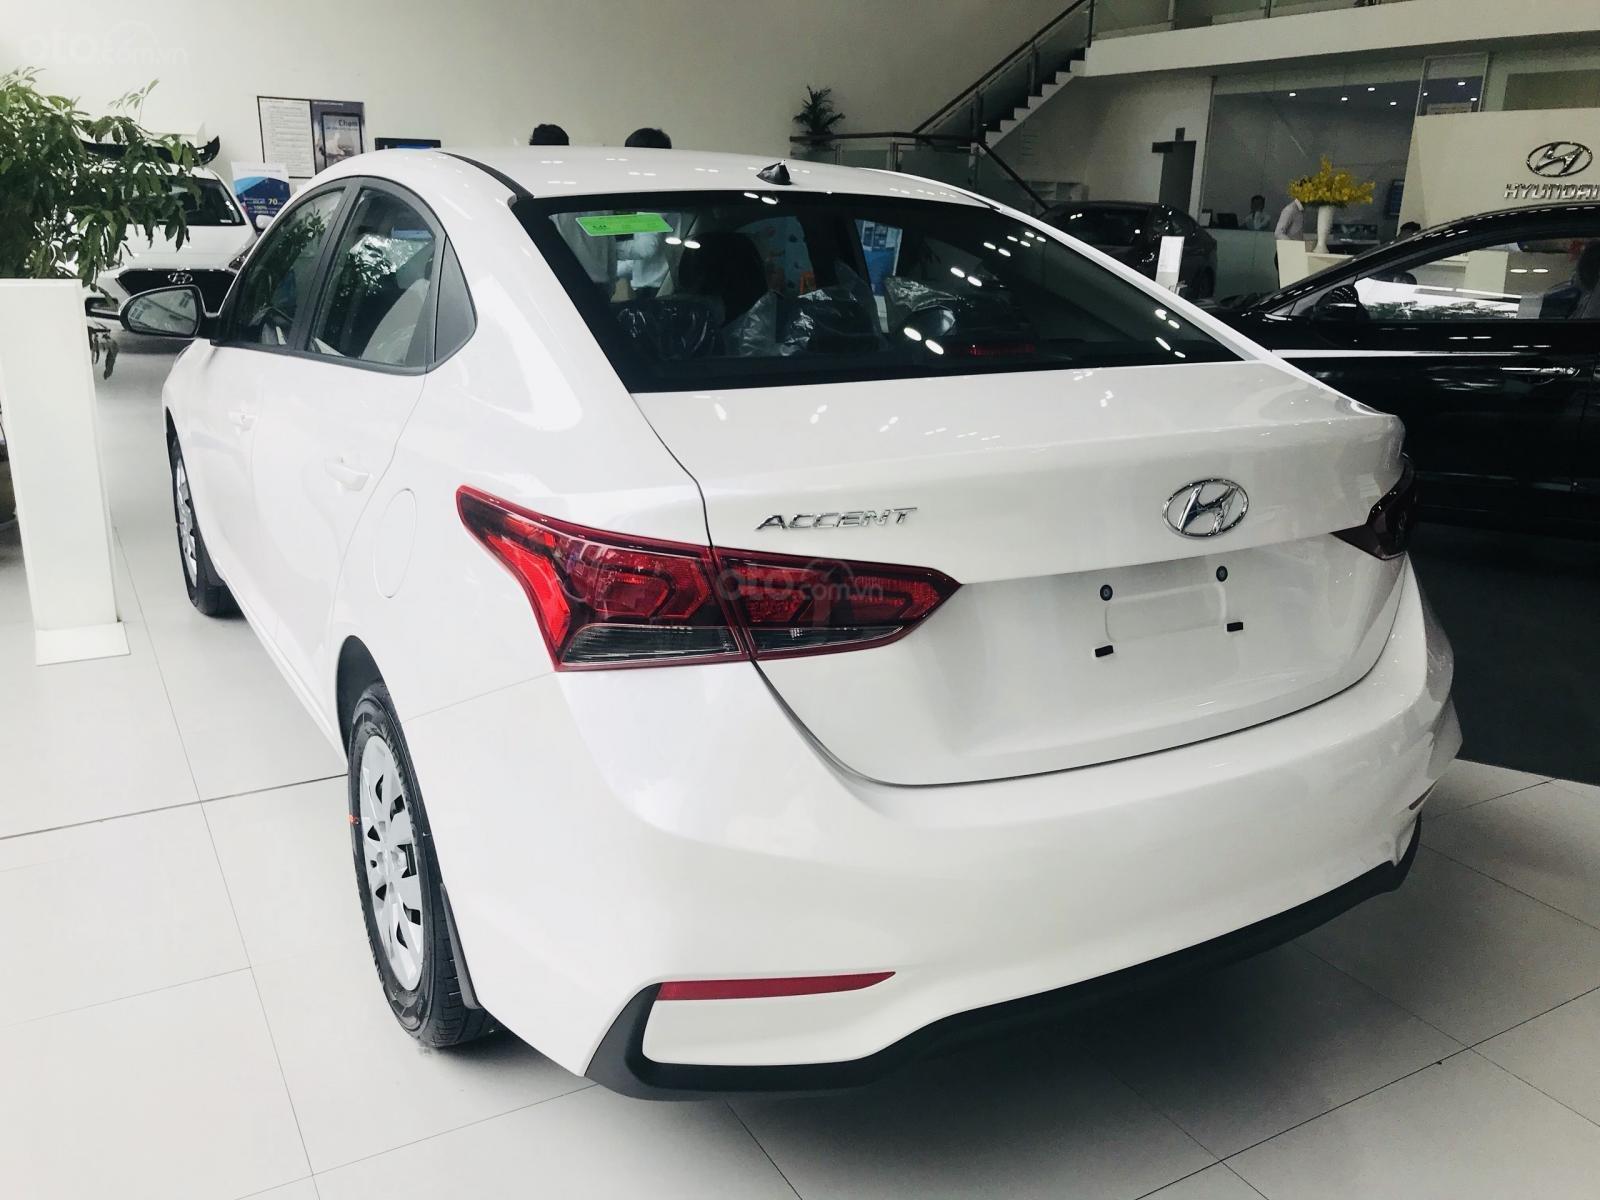 Khuyến mãi + giảm giá + giao xe ngay với Hyundai Accent 2019, hotline: 0974064604 (7)